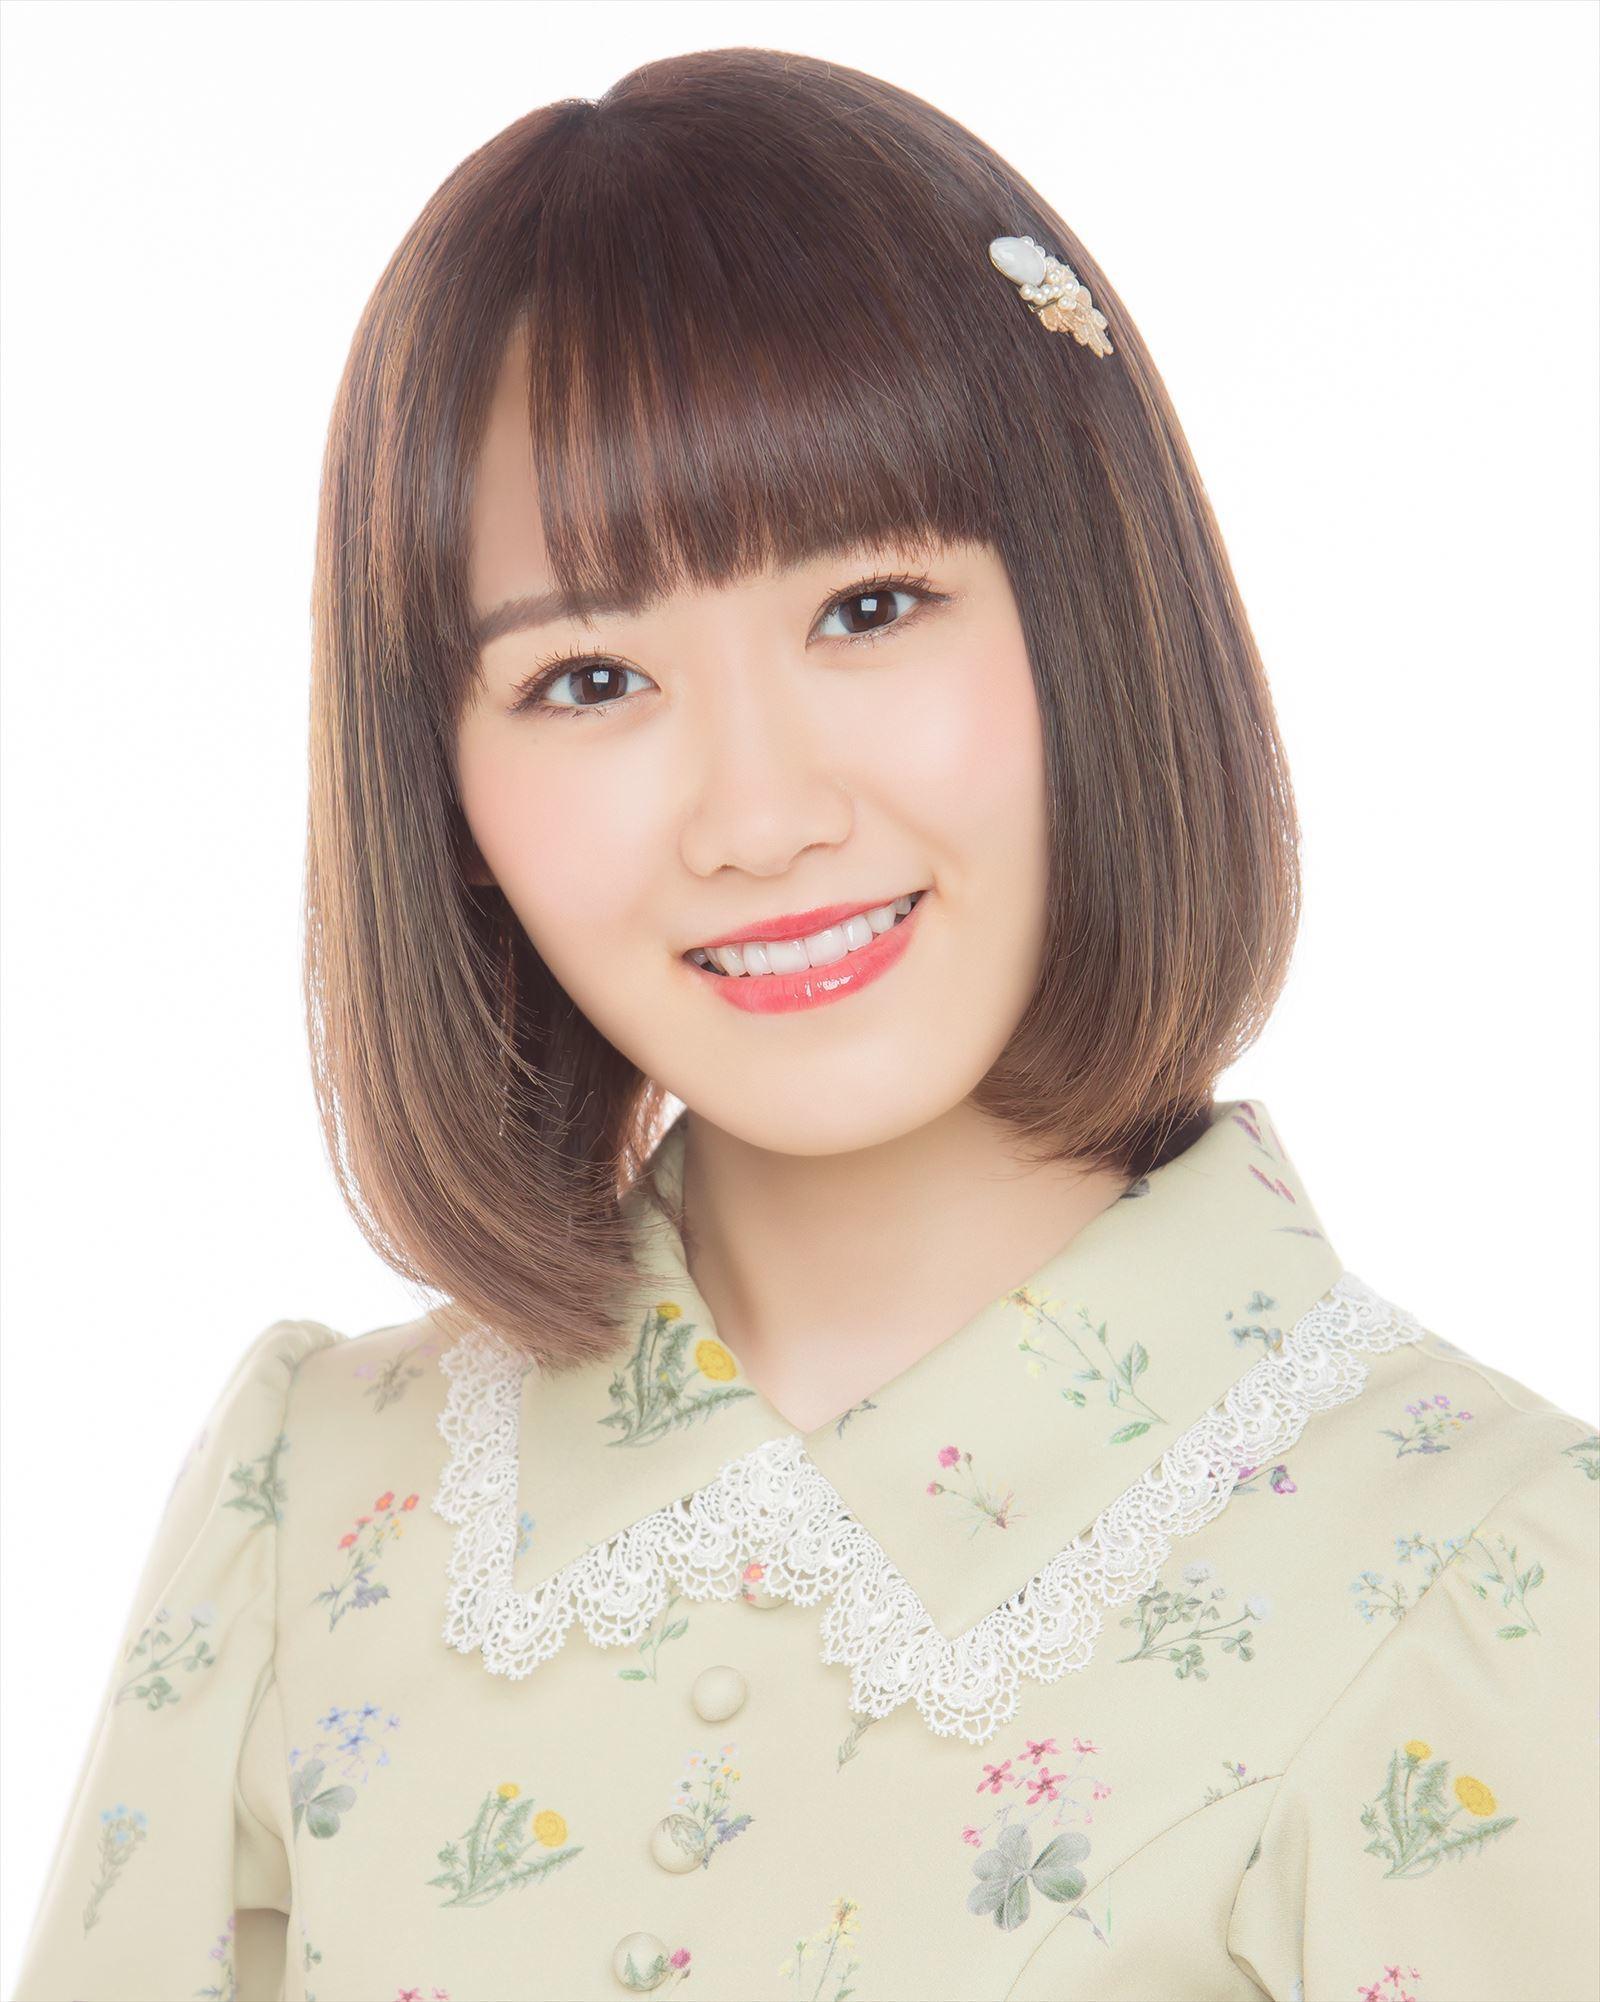 絡繰茶々丸役 ⻄潟茉莉奈 (NGT48) (C)AKS